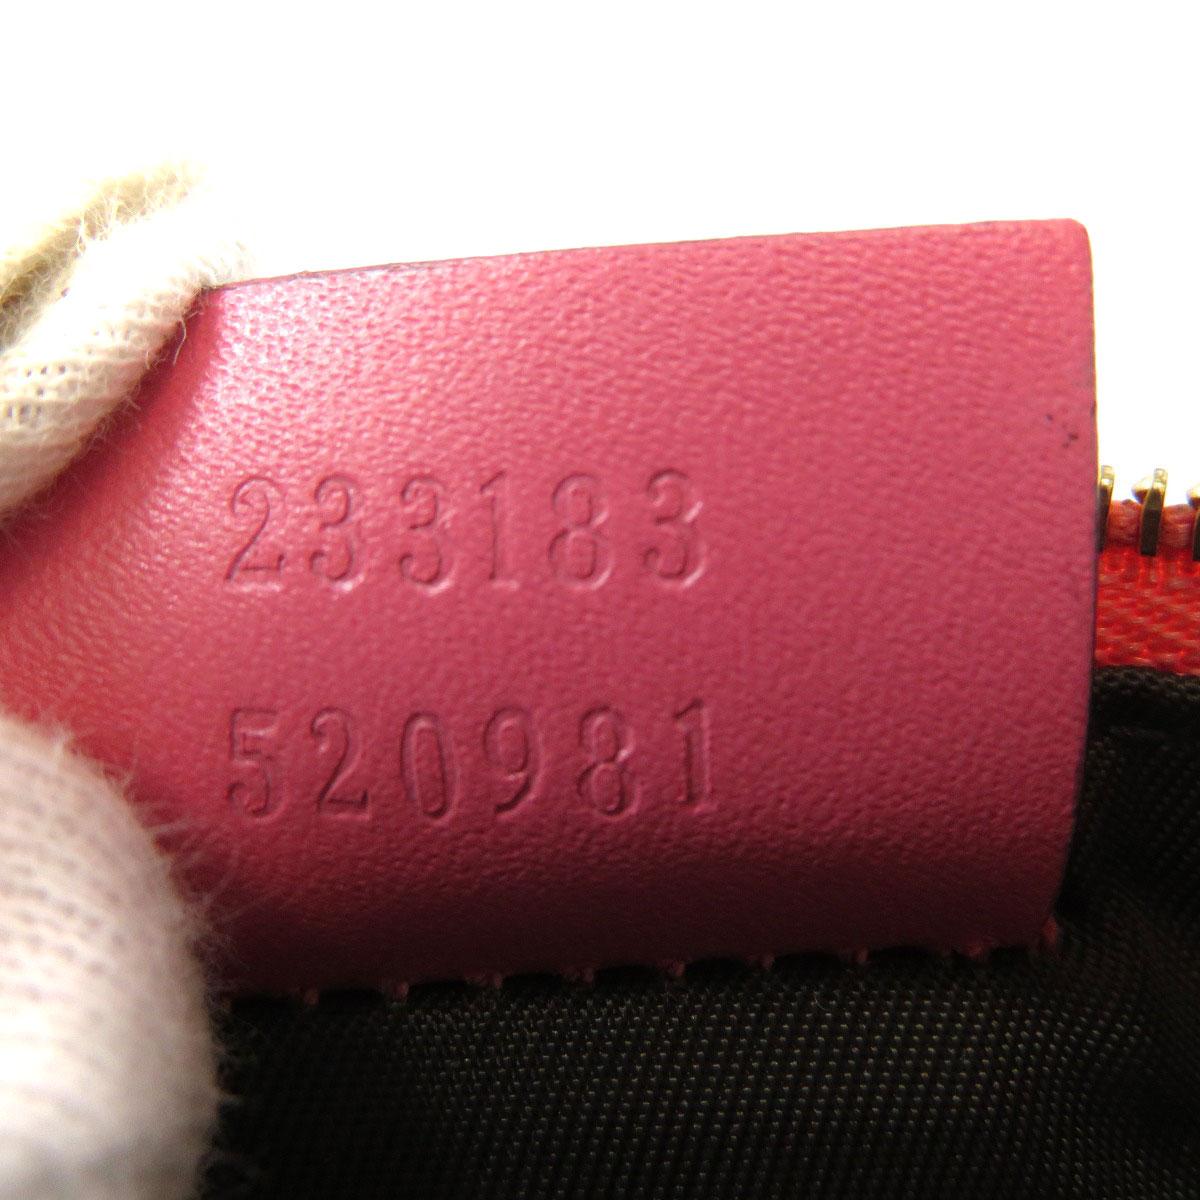 グッチ 233183 シマ GG柄 コインケース レザー レディースGUCCItrdCQBohsx